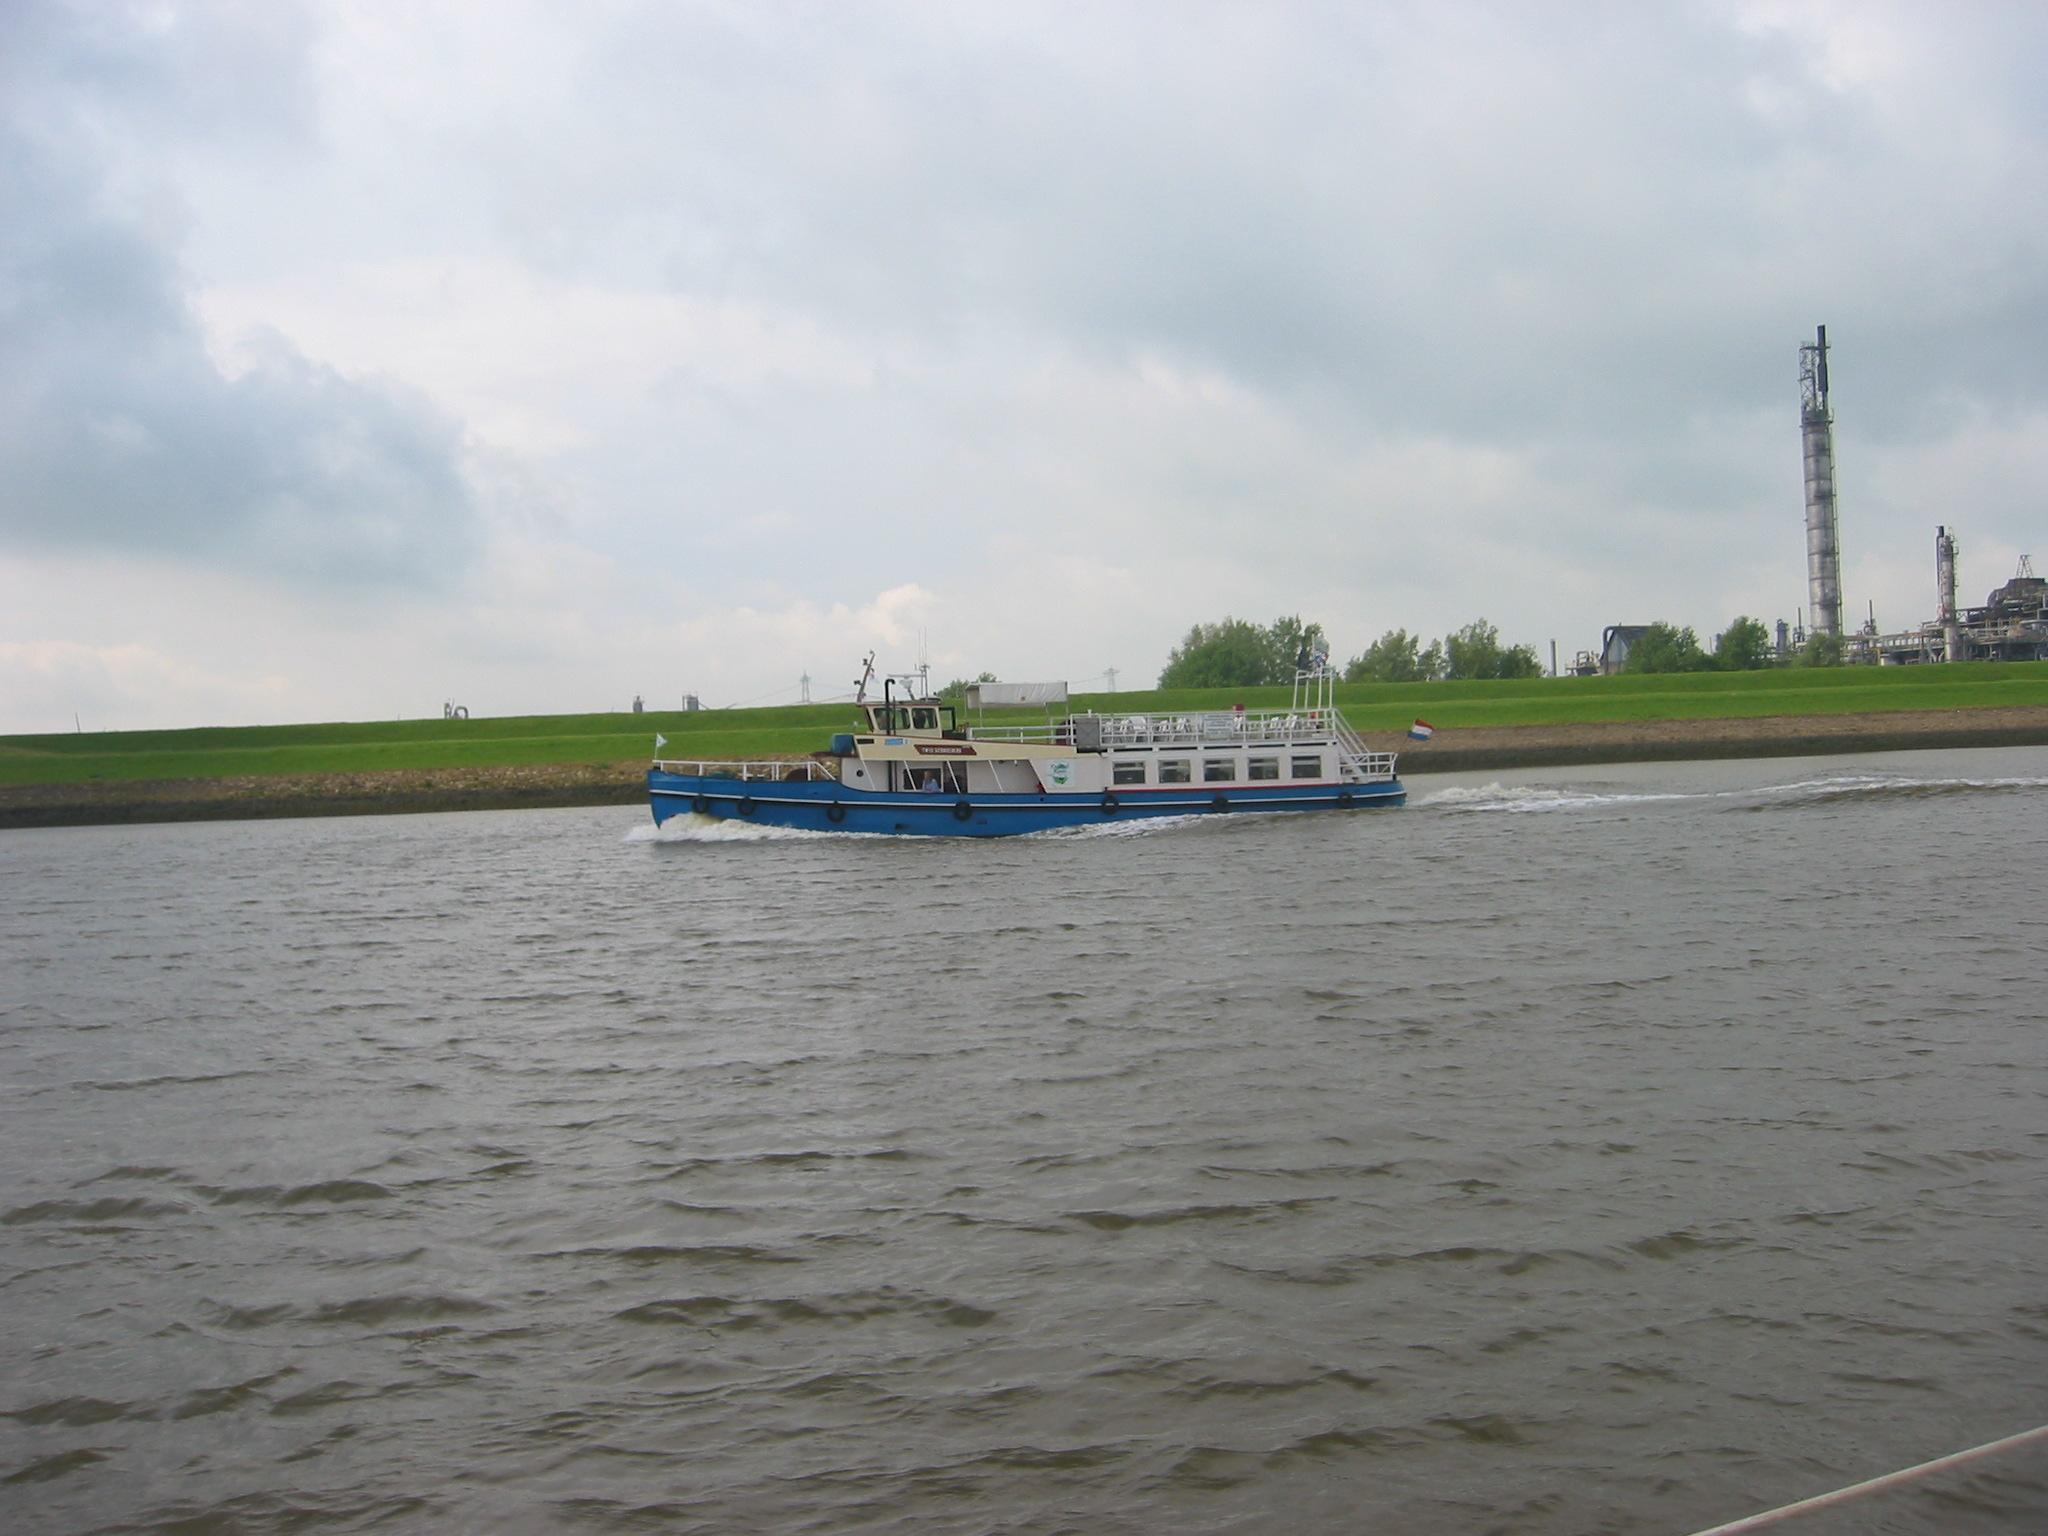 63 Pieter Bakker